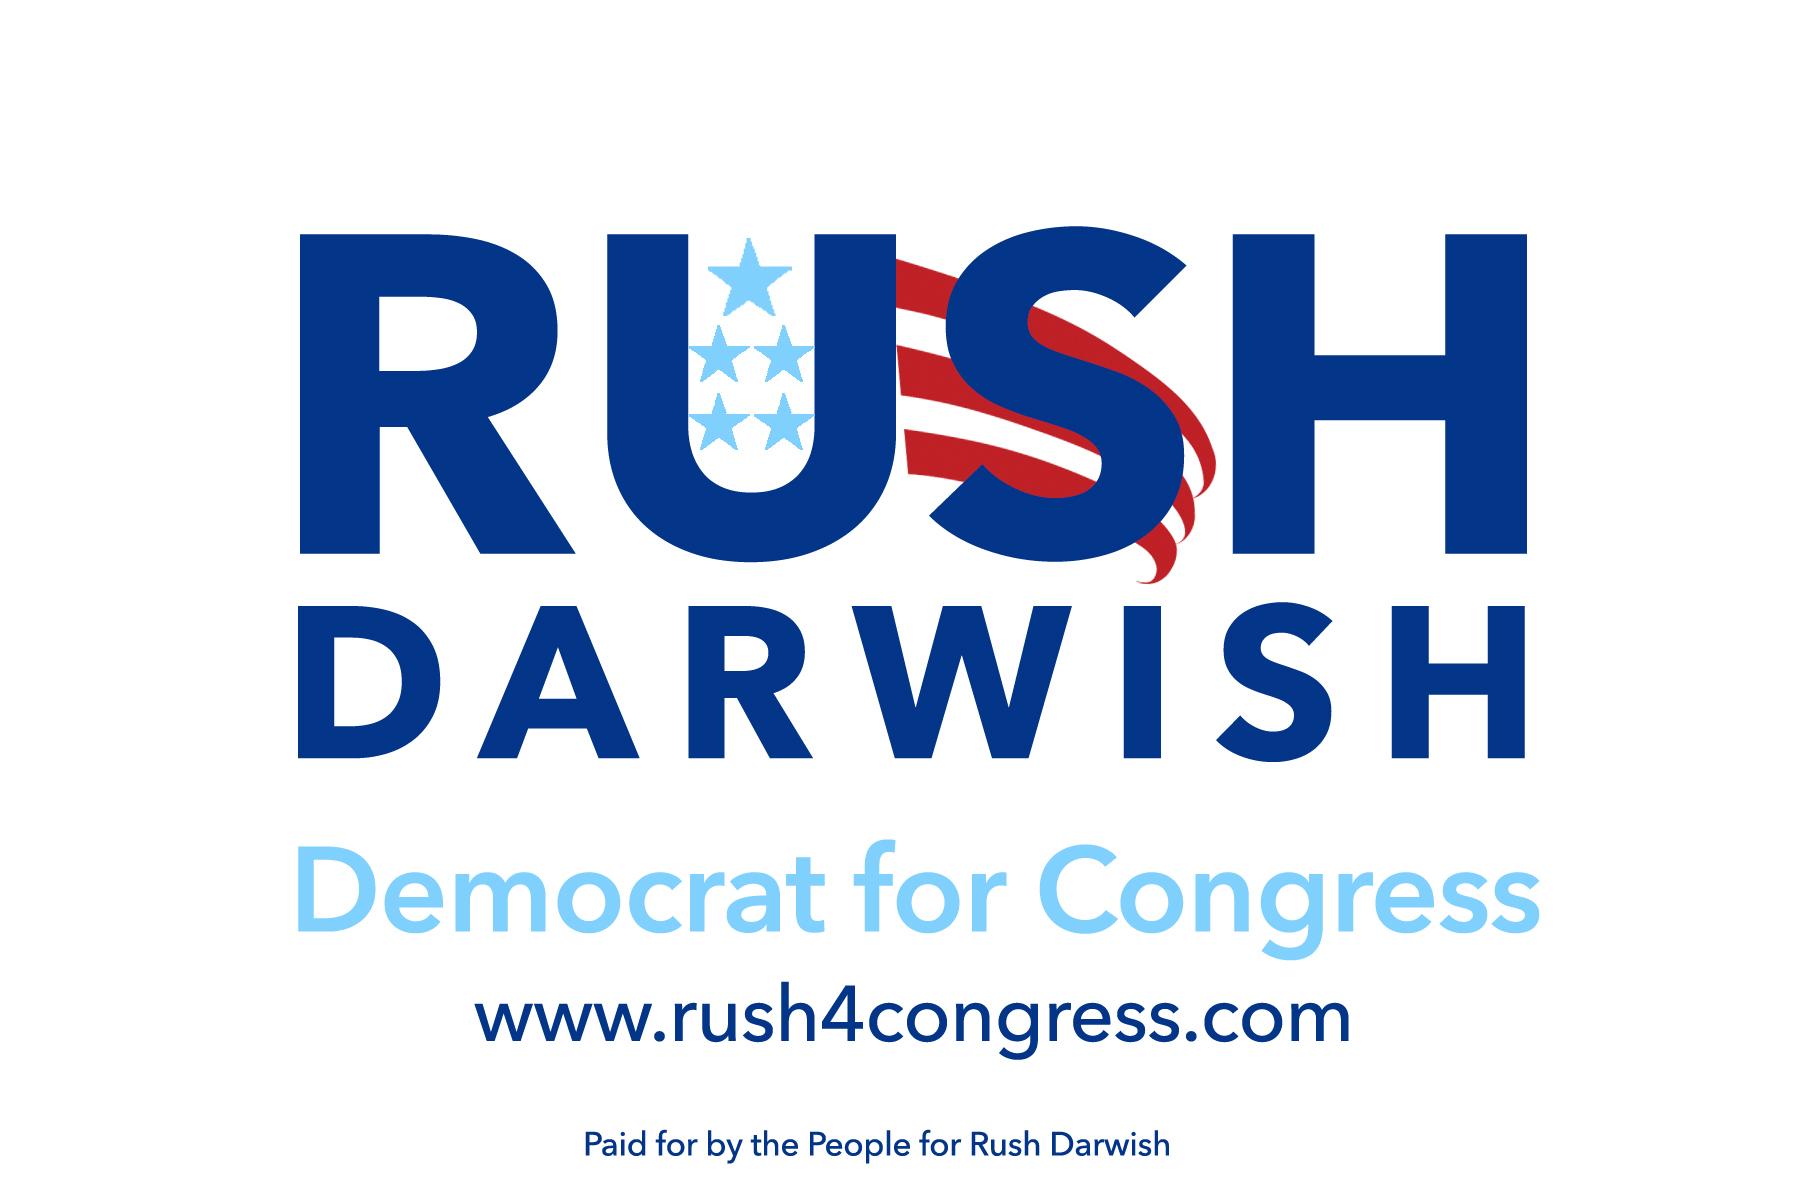 Rush Darwish